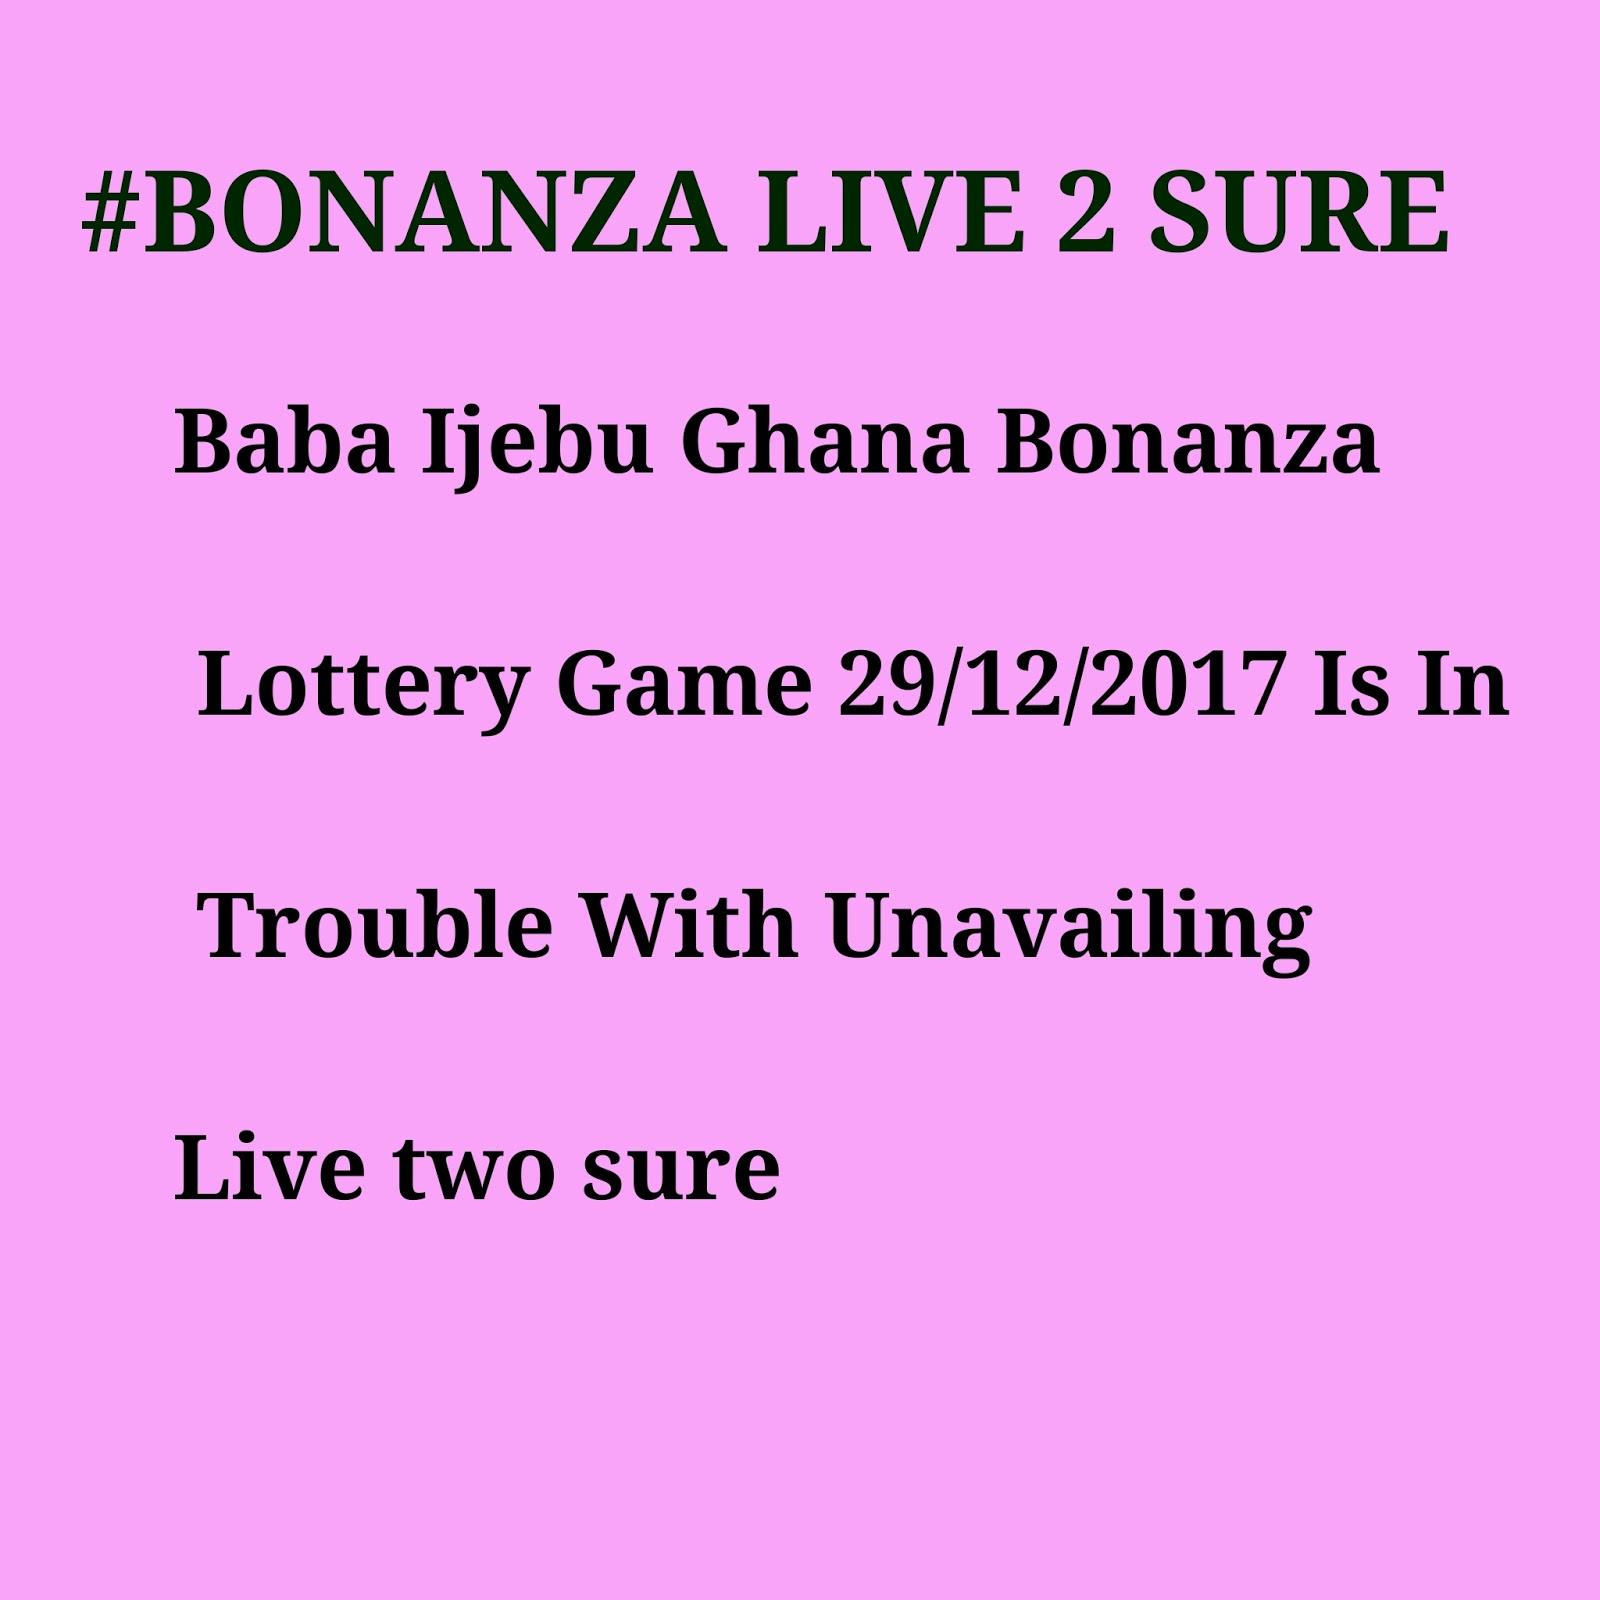 Baba Ijebu Ghana Bonanza Lottery Game 29/12/2017 Is In